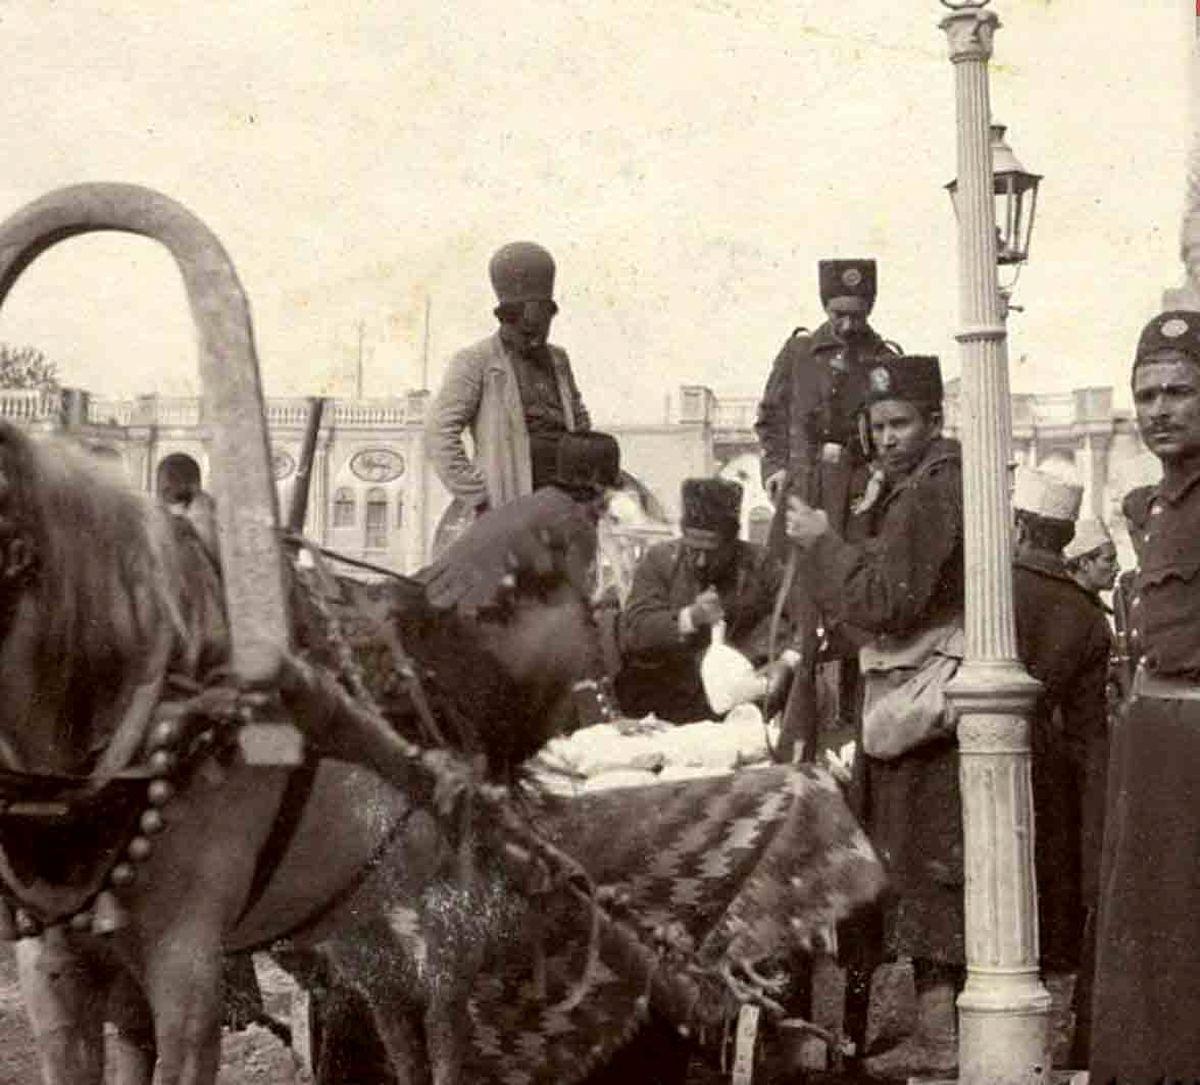 درشکه حمل پول در میدان توپخانه در 110 سال پیش